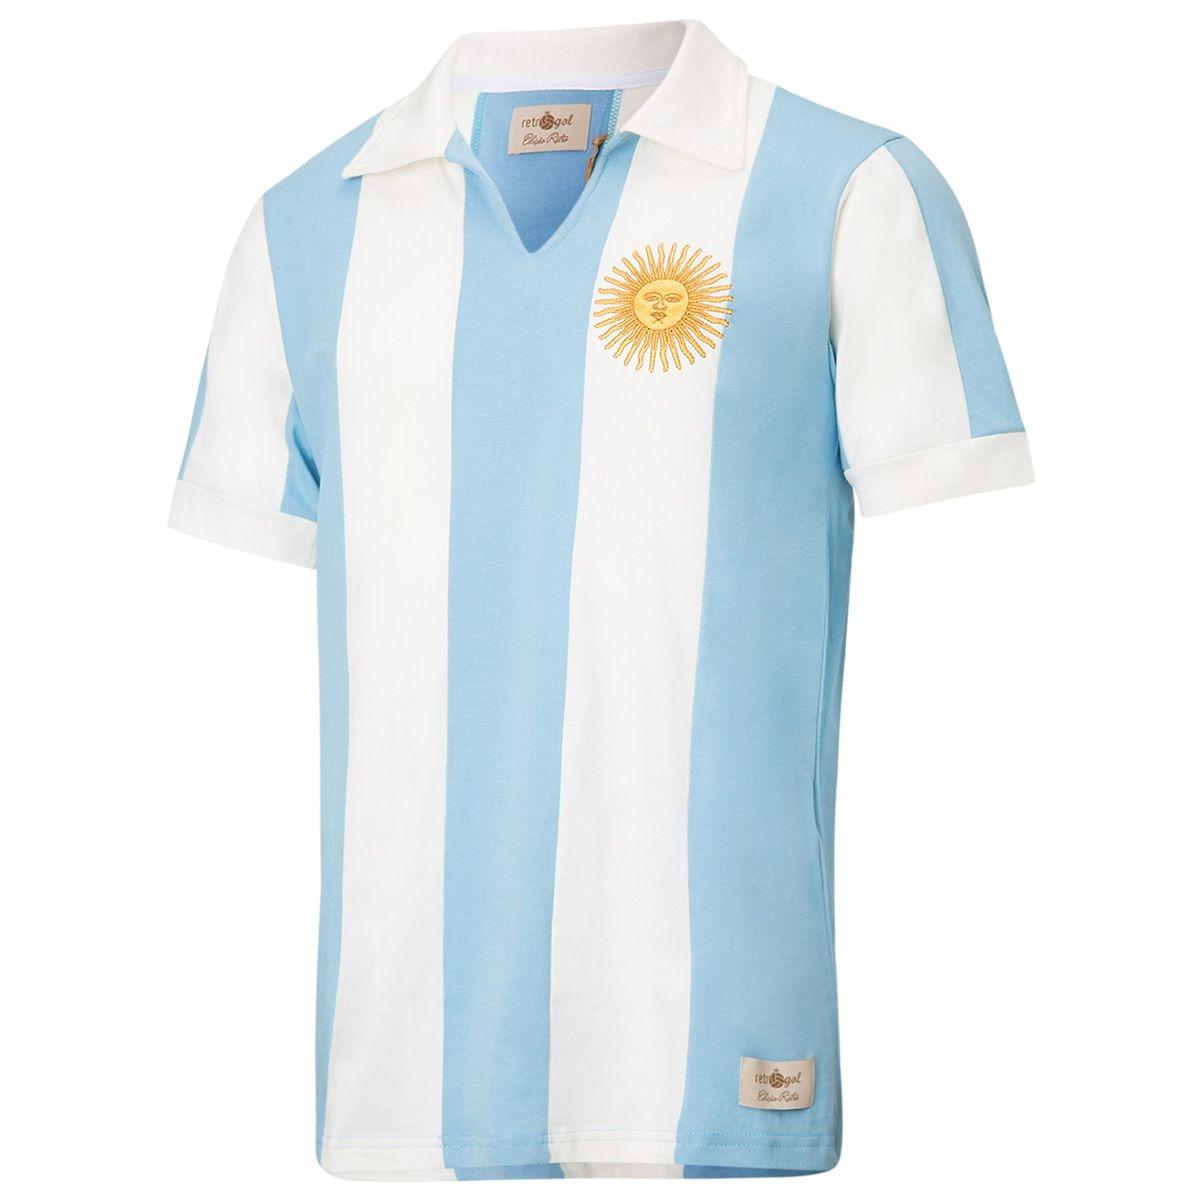 68dbaf6893 camisa polo retrô gol seleção argentina listrada torcedor. Carregando zoom.